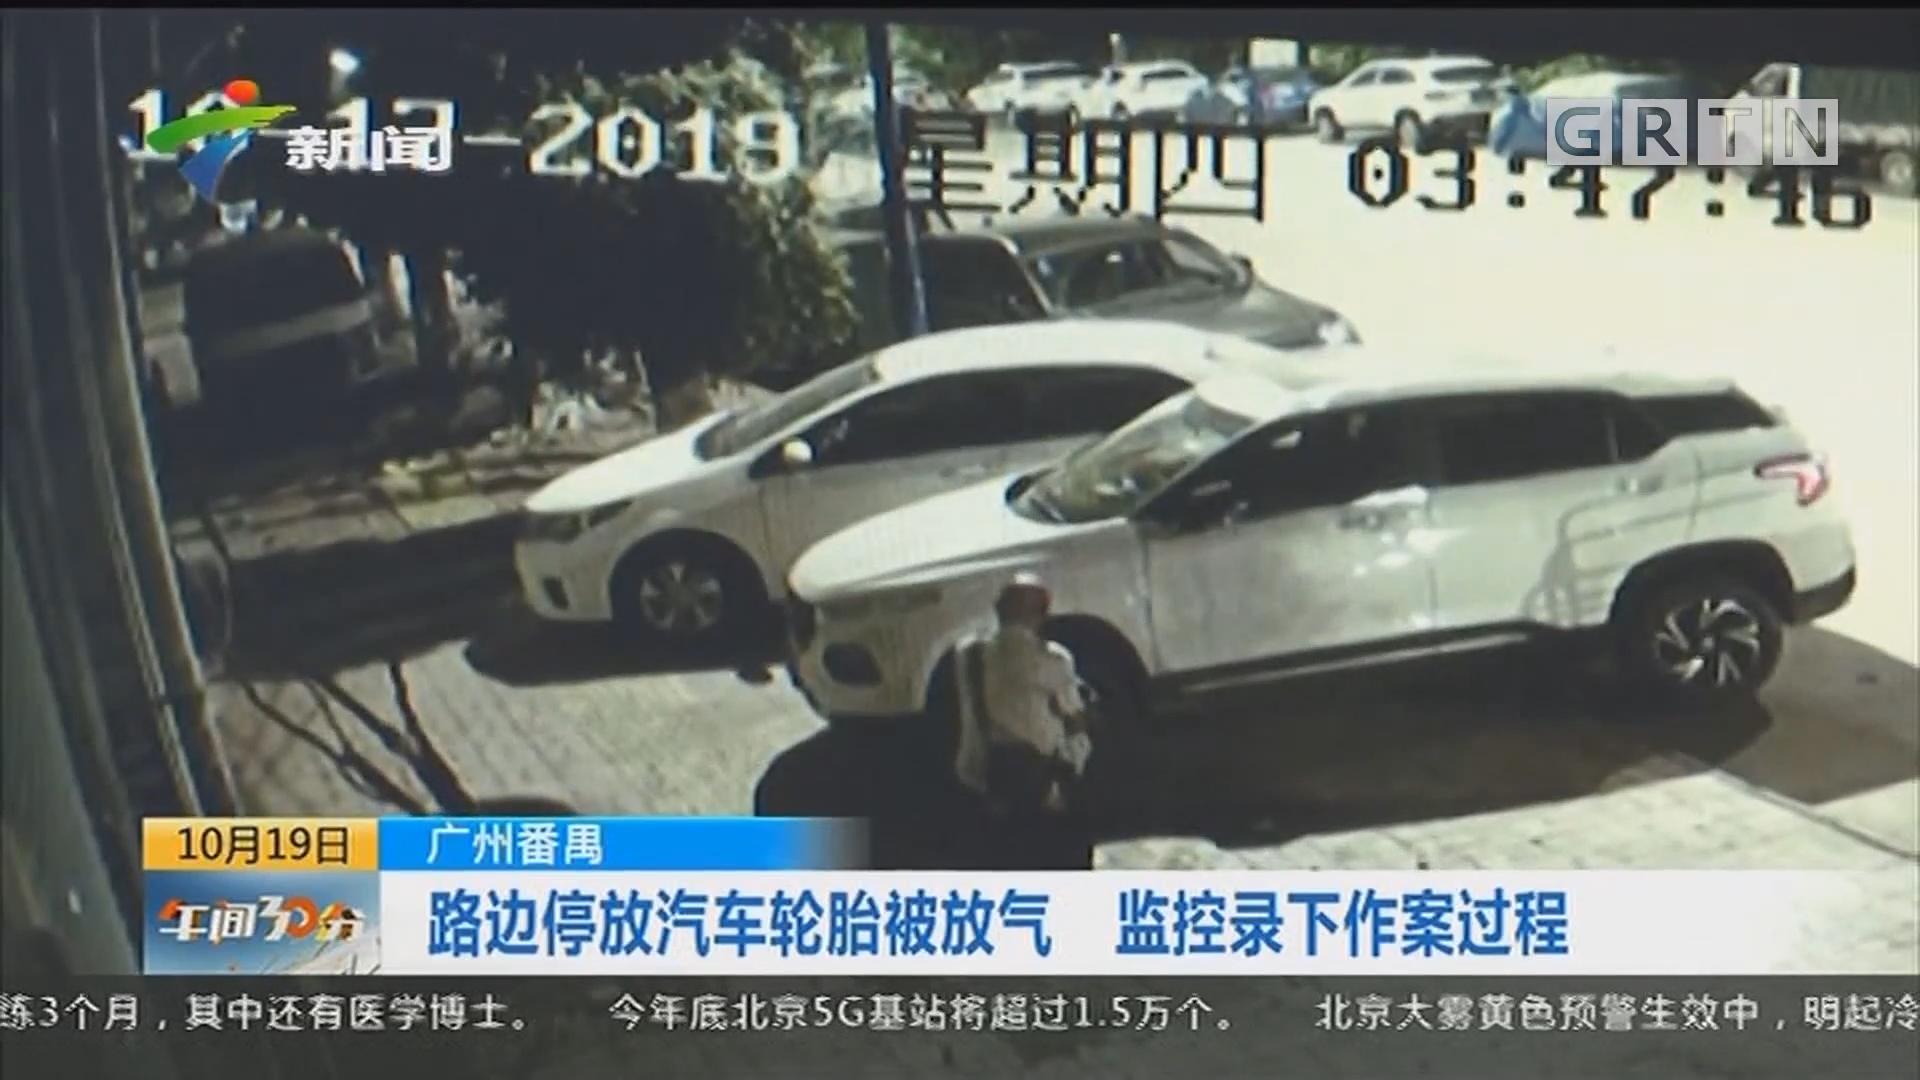 广州番禺:路边停车汽车轮胎被放气 监控录下作案过程